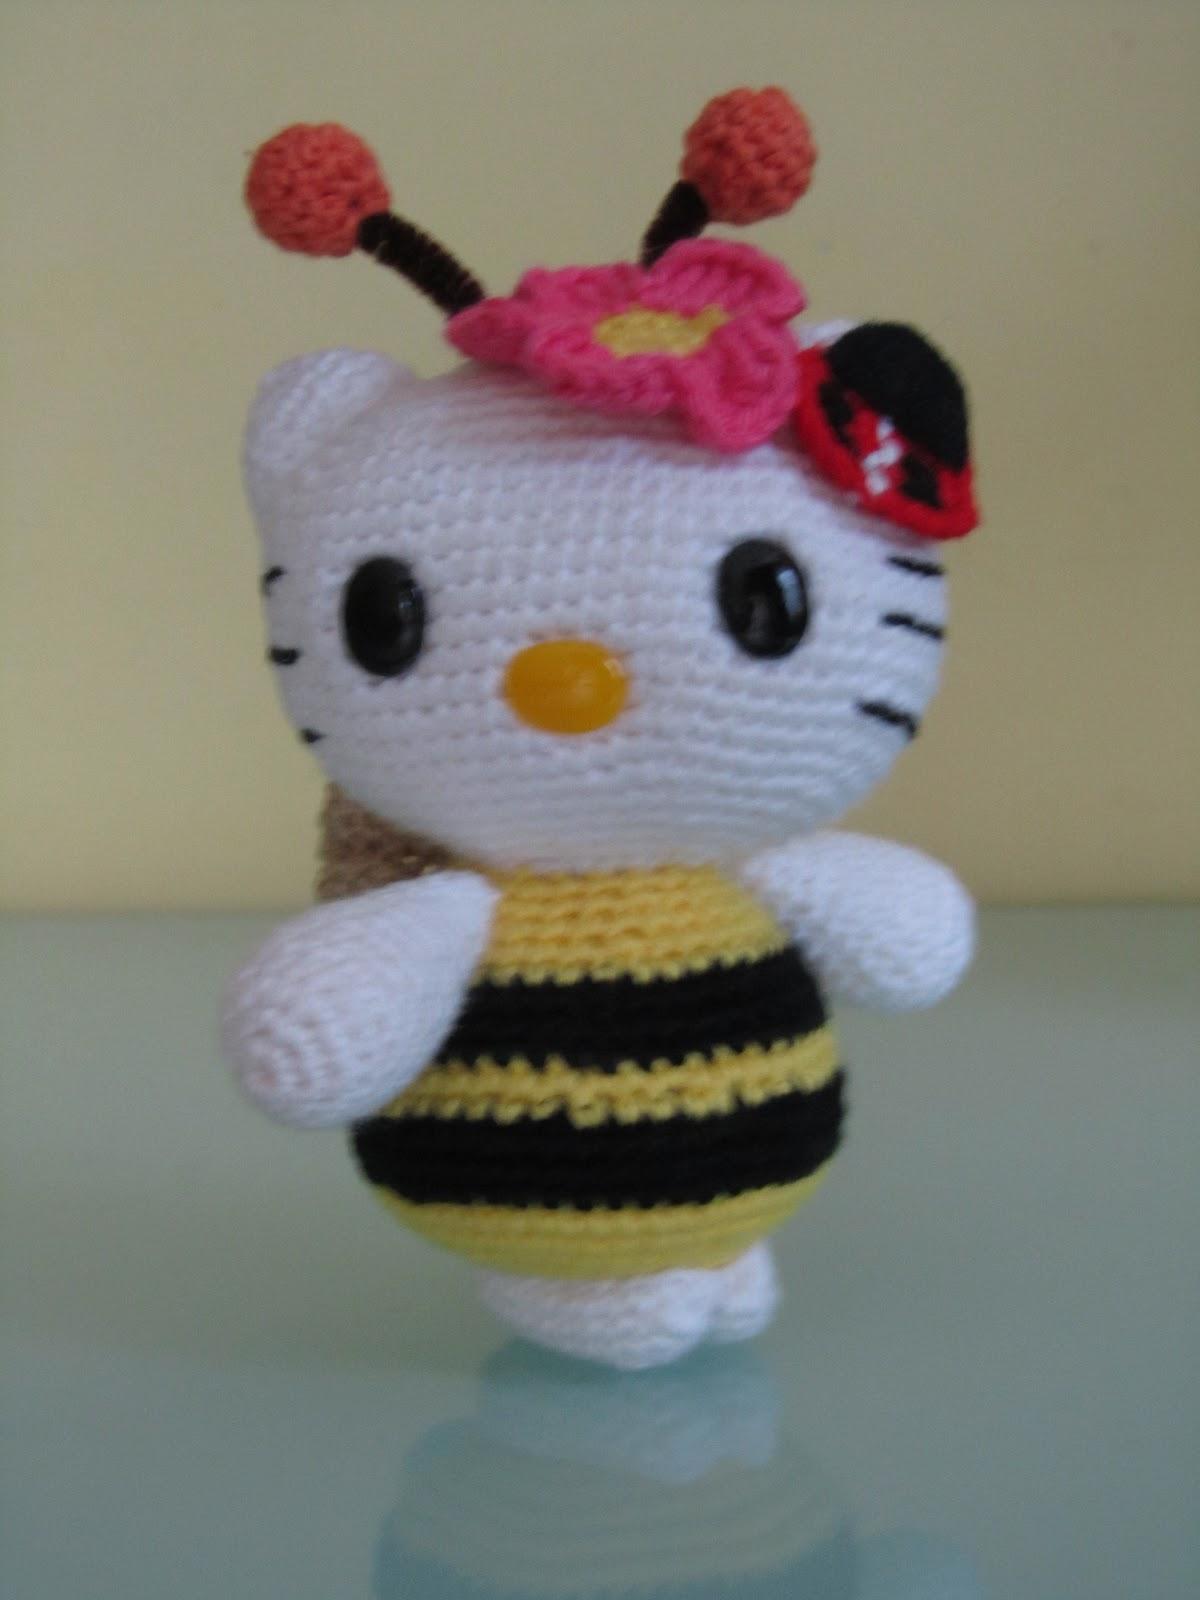 Amigurumi Kitty Espanol : MADRES HIPERACTIVAS: Amigurumi Hello Kitty Abejita